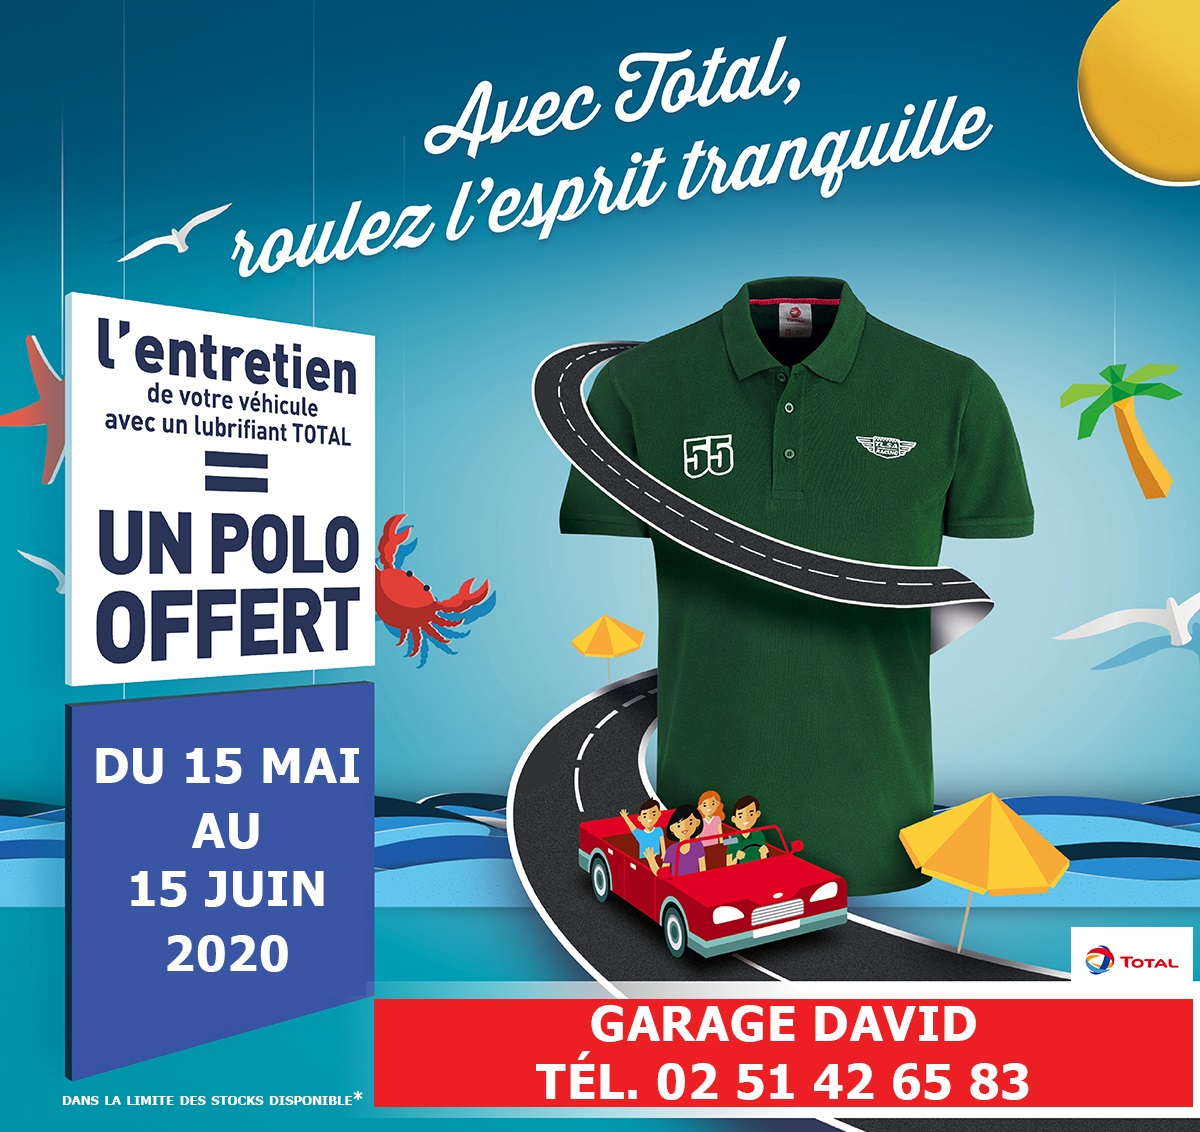 Du 15 mai au 15 juin 2020, L'entretien de votre véhicule avec un lubrifiant Total = un polo offert au Garage David Saint Fulgent en Vendée